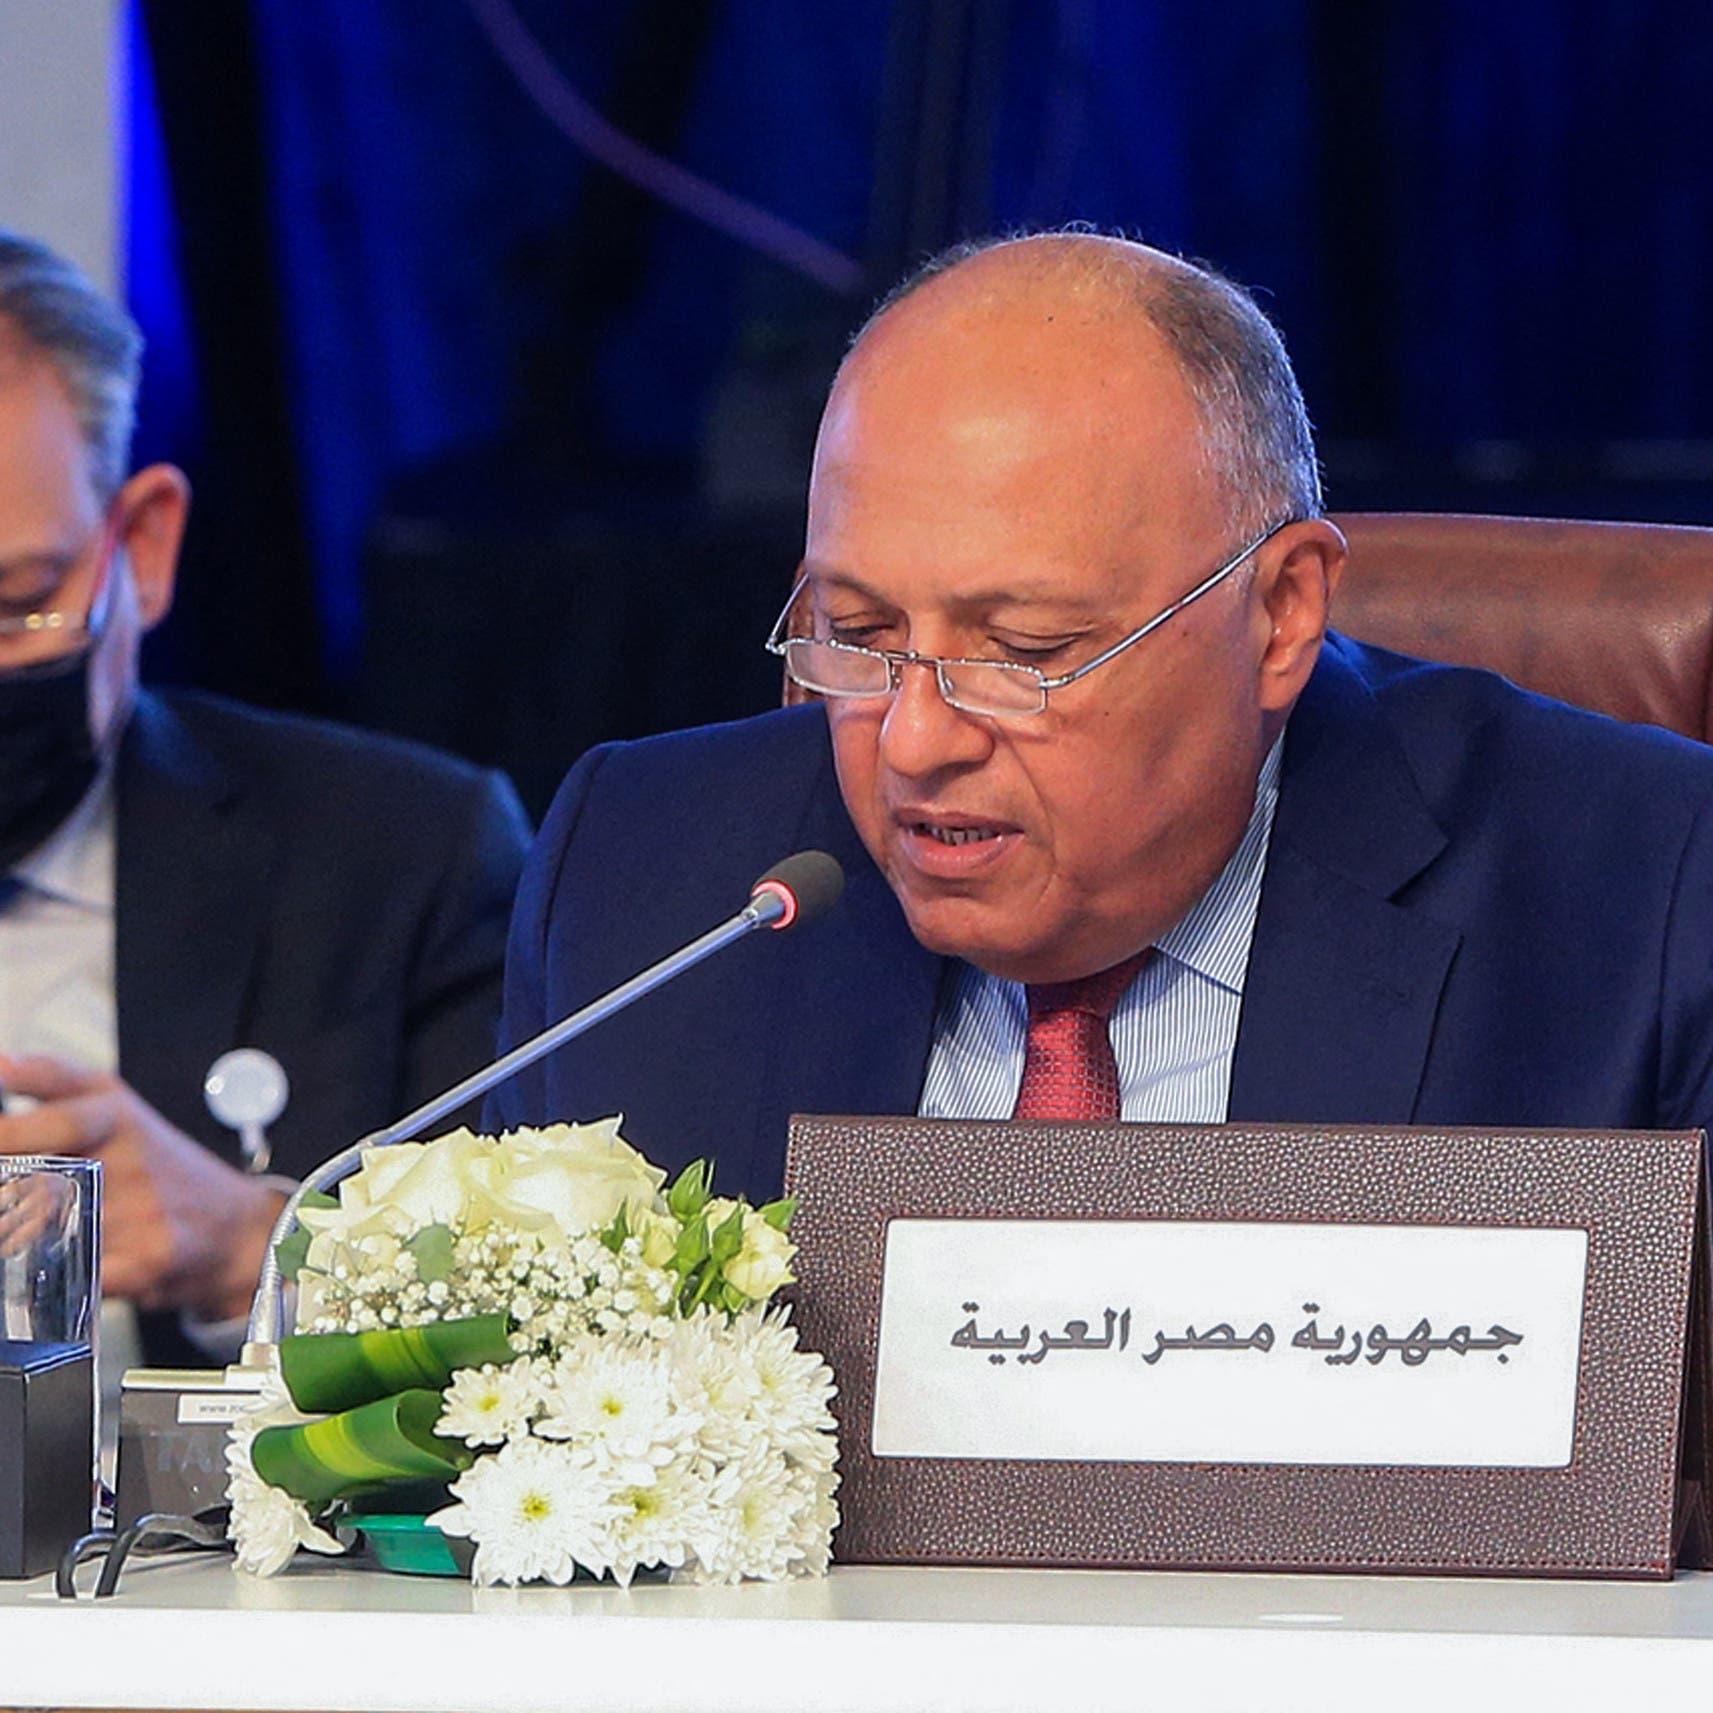 وزير خارجية مصر: سندافع عن حقوقنا بكل الوسائل المتاحة